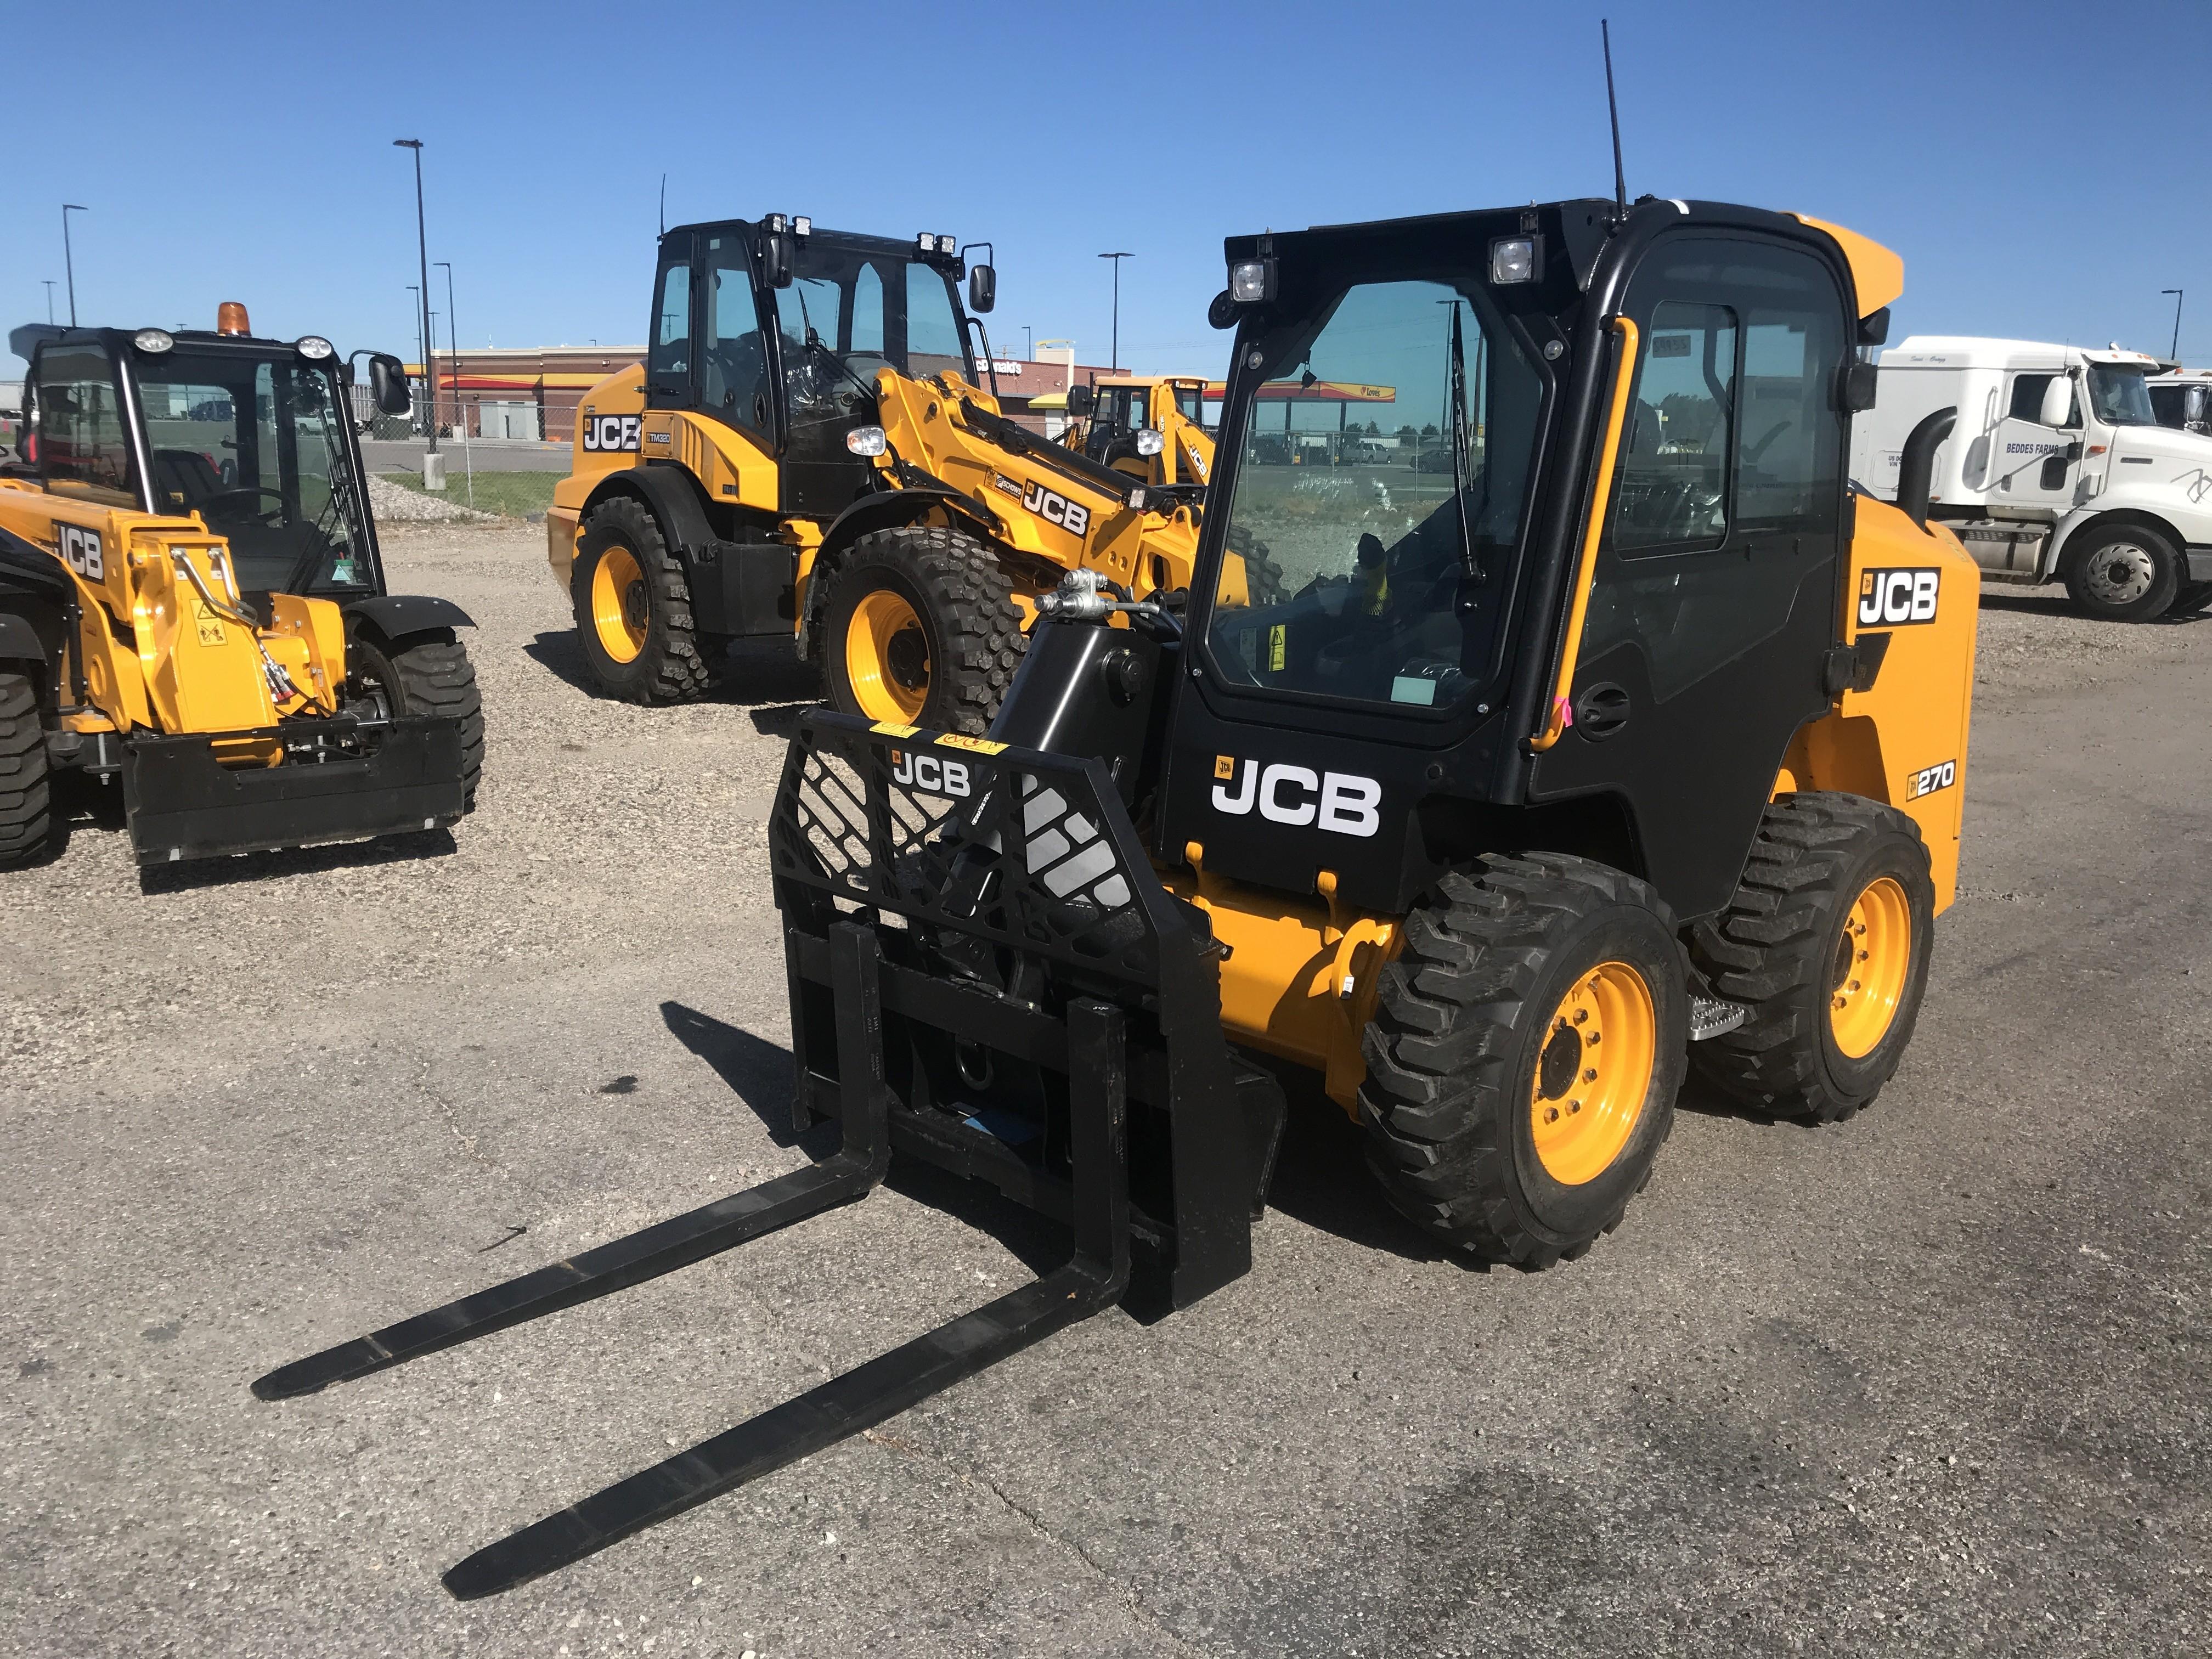 JCB Equipment Dealers ID | Sales, Rentals, Parts & Service